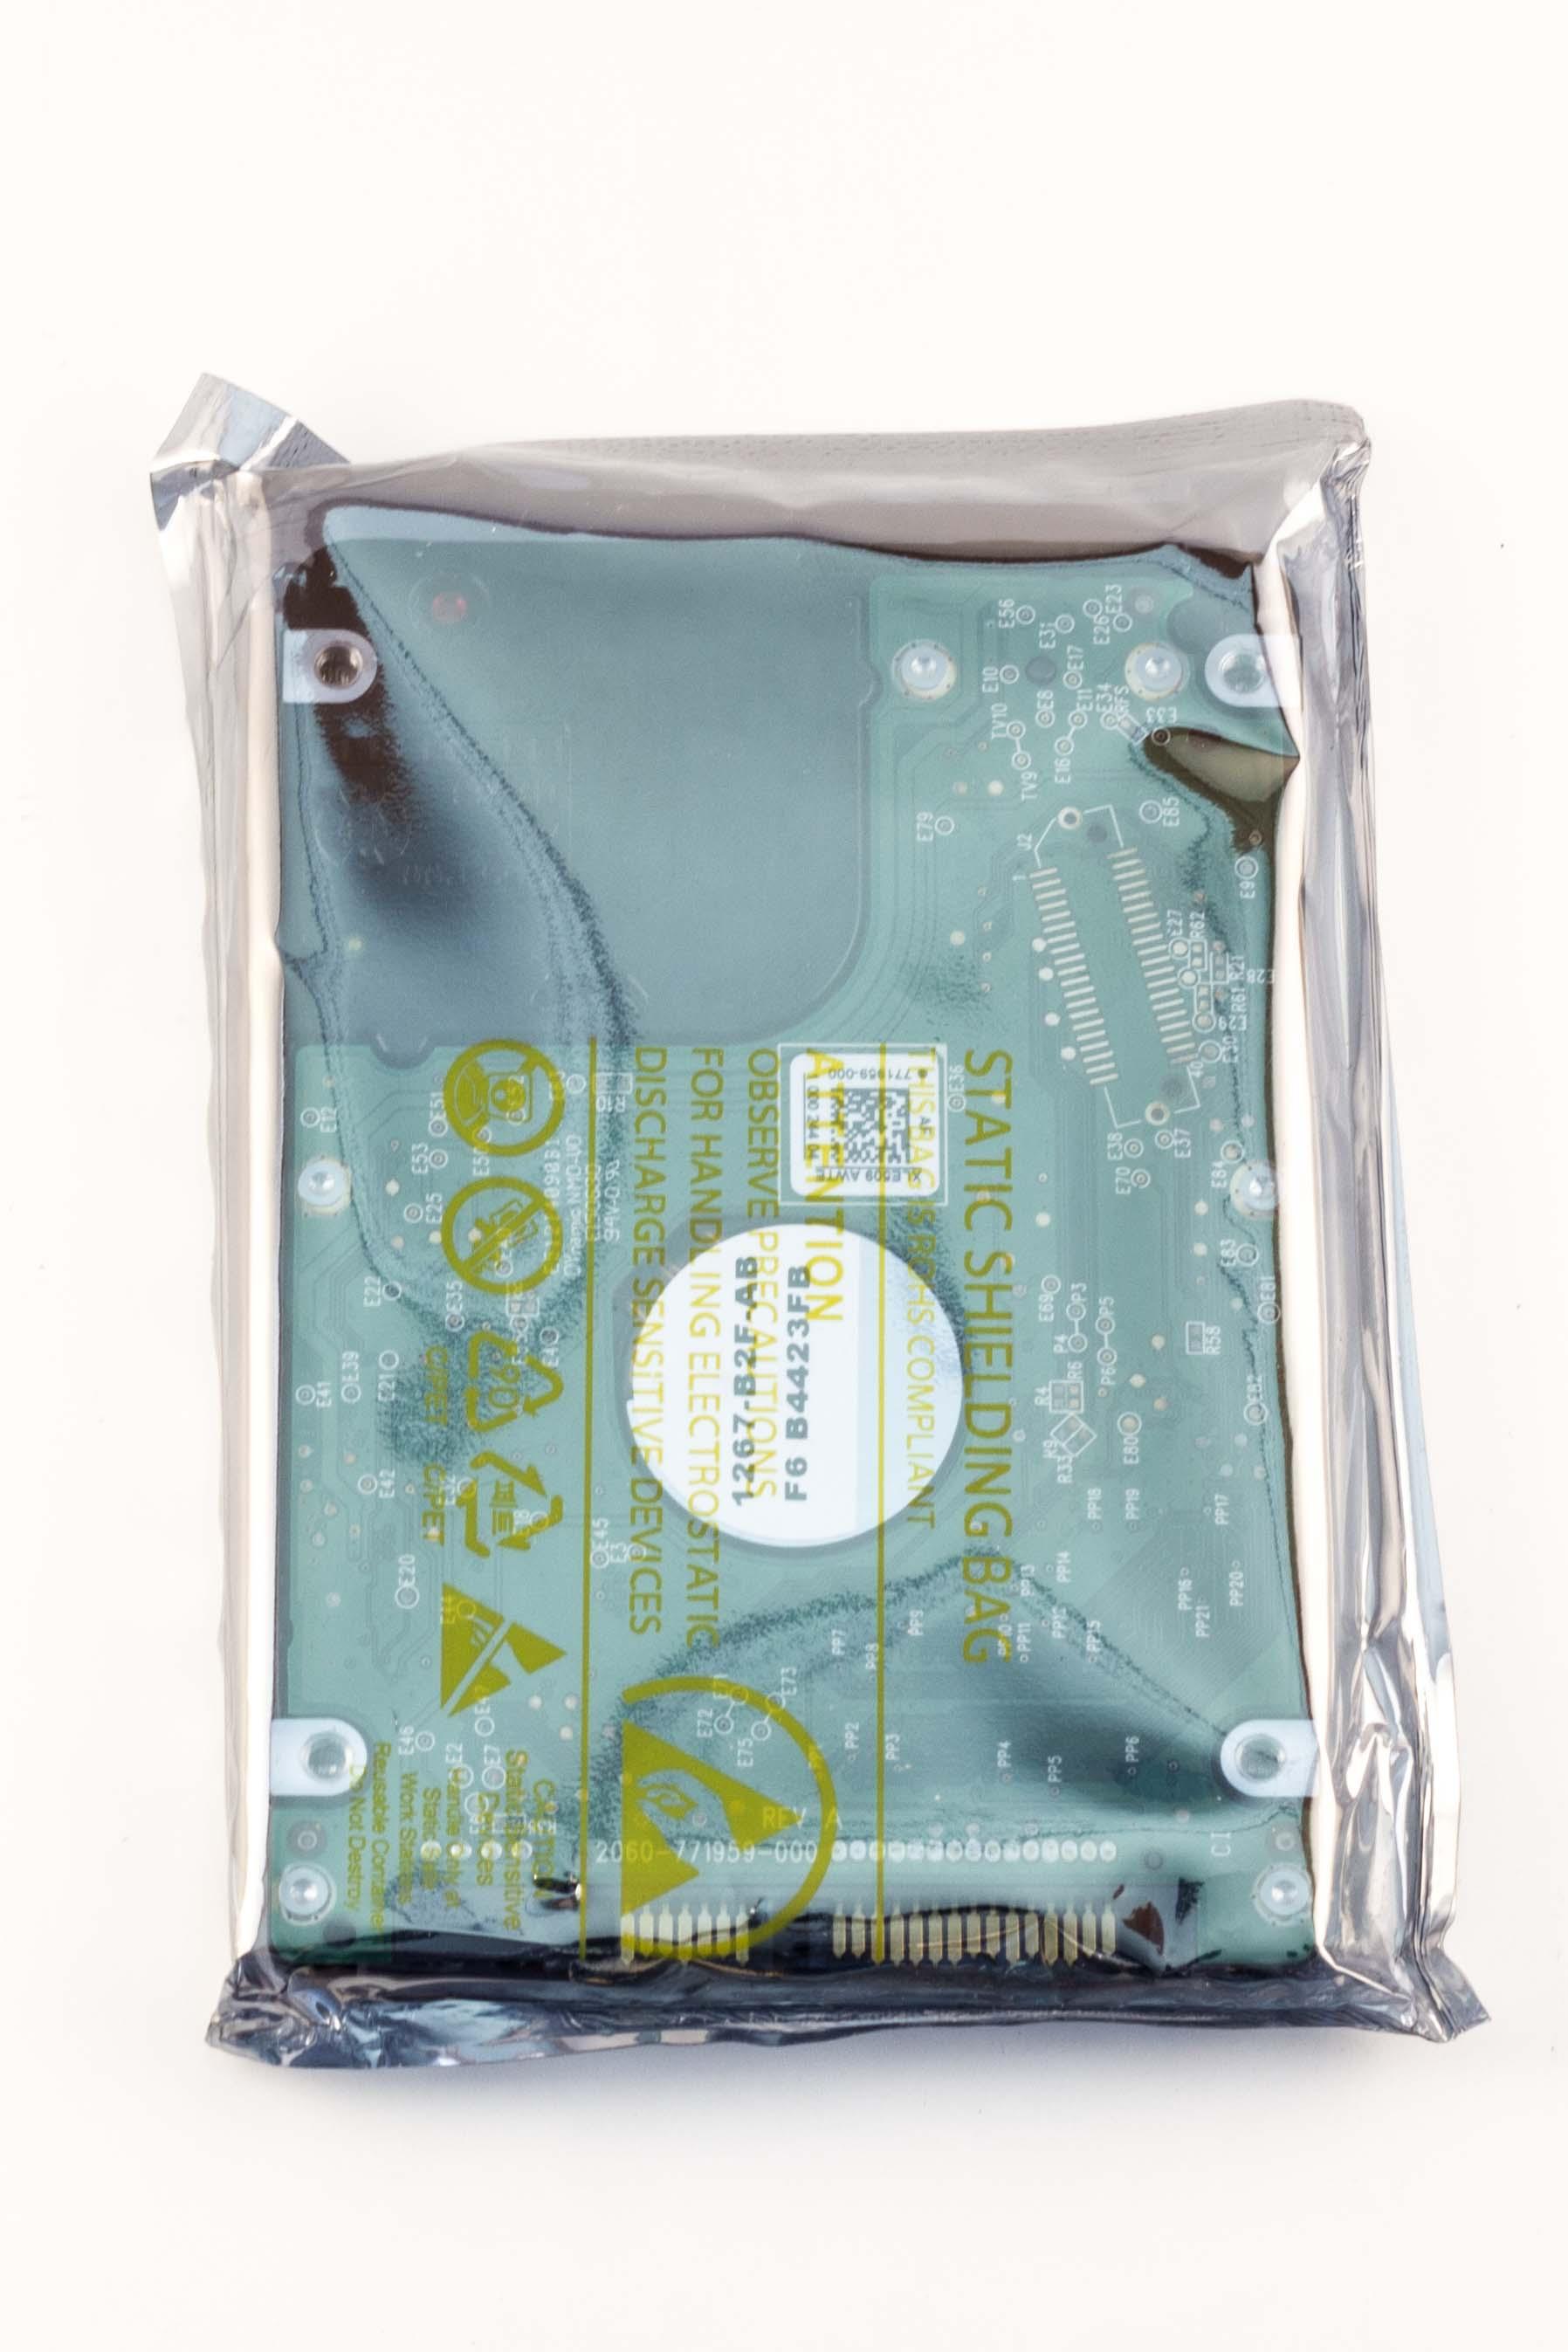 Жесткий диск MediaMax 320 GB сзади